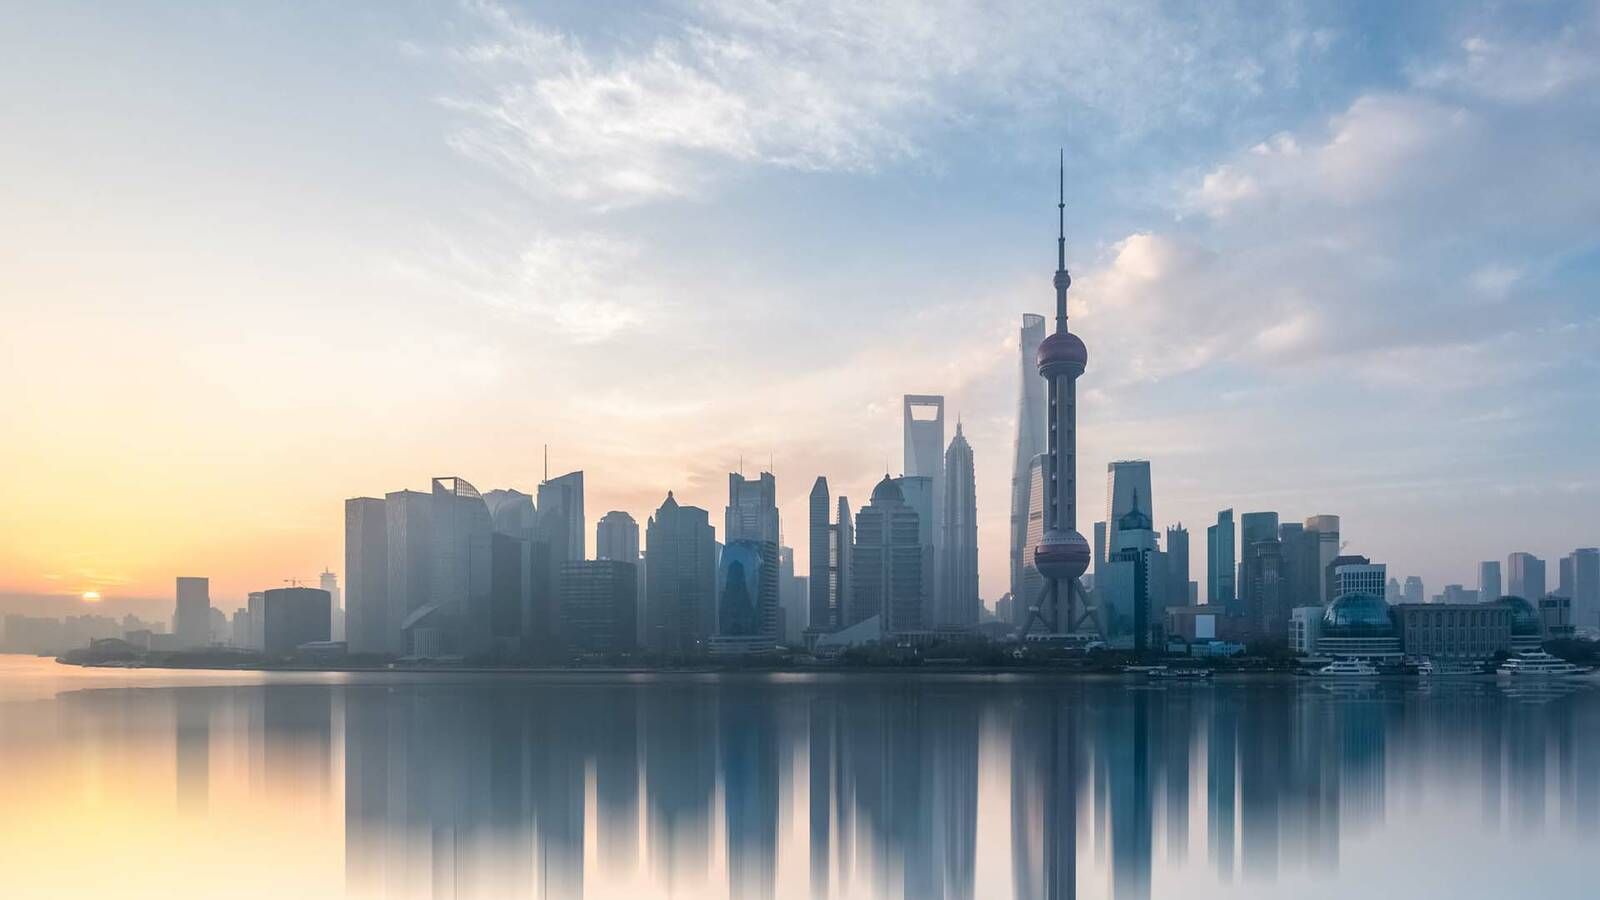 Shanghai chungking